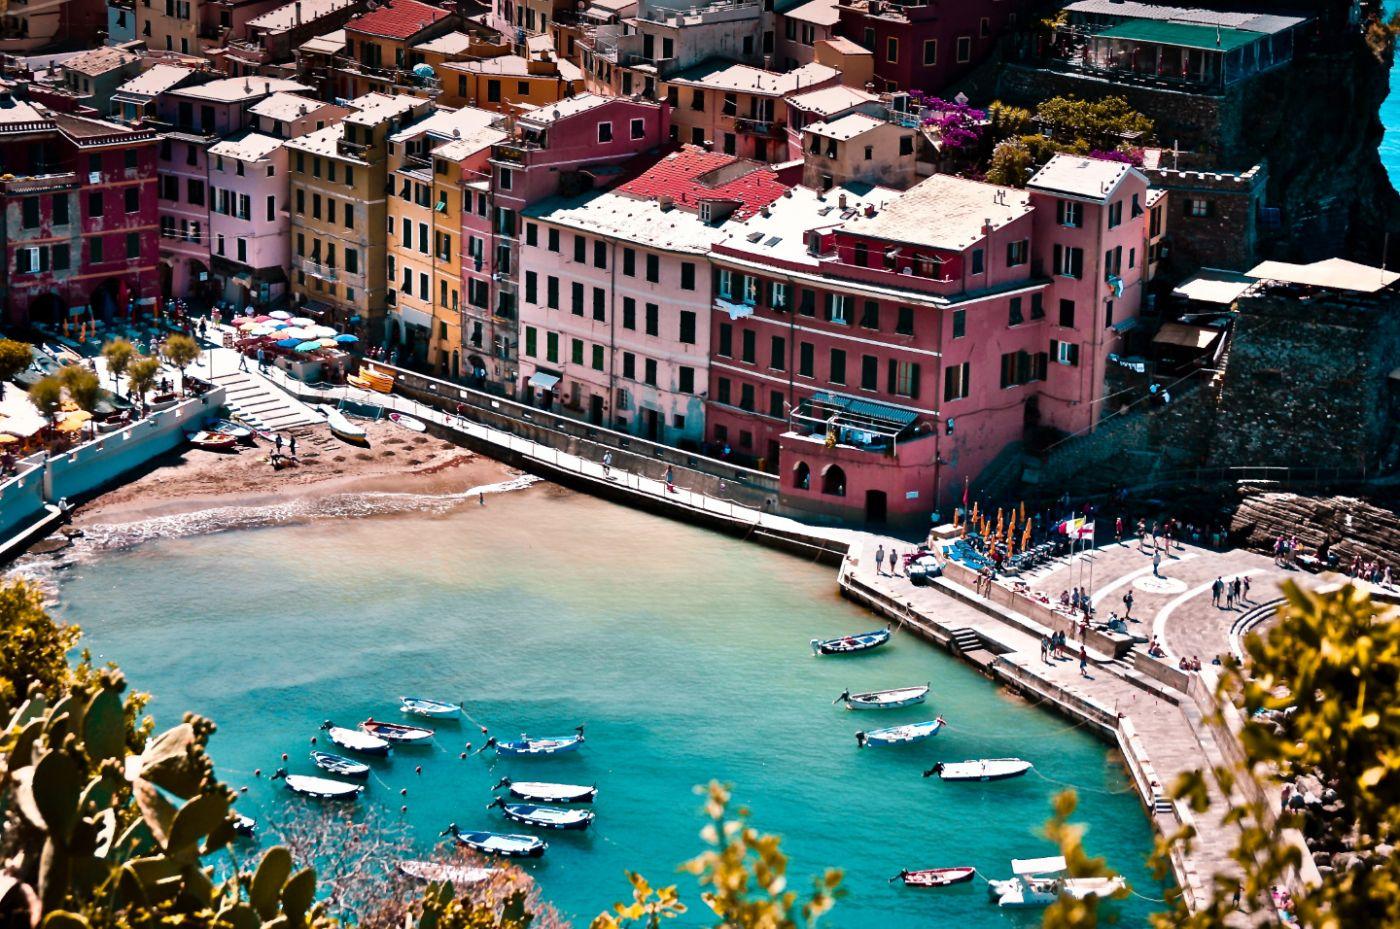 Day trip from Cortona to Cinque Terre